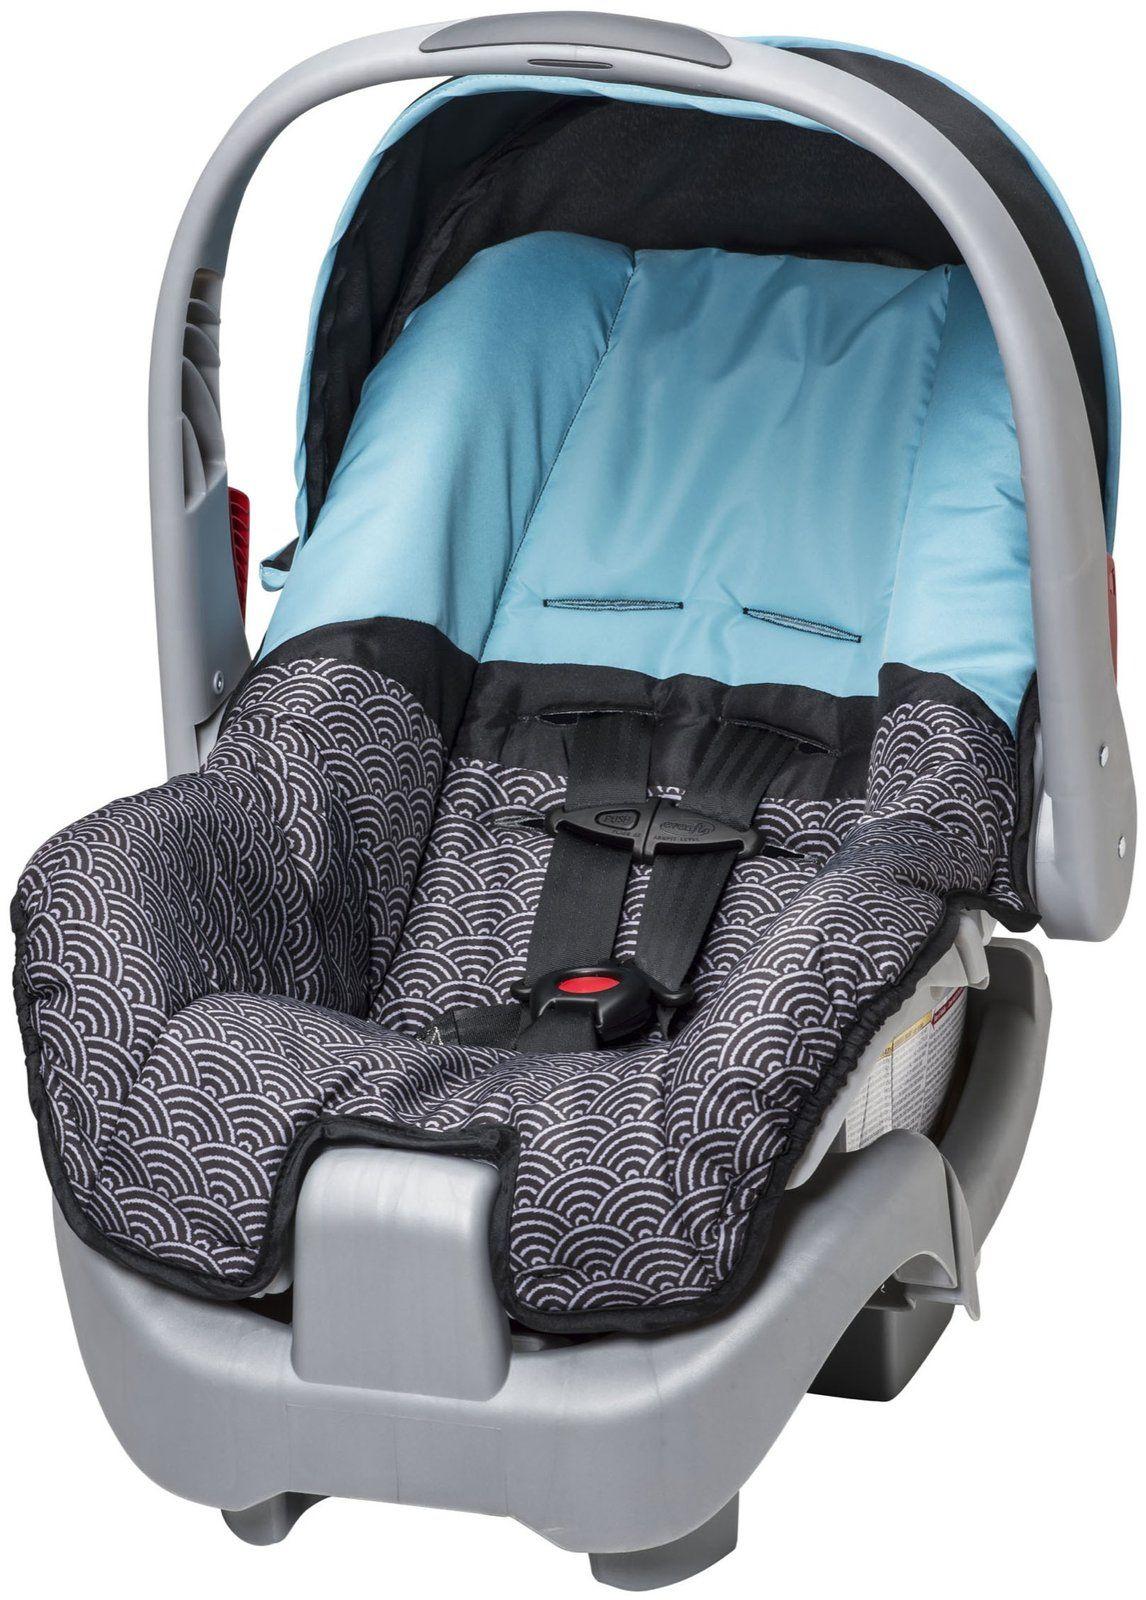 Evenflo nurture infant car seat covington free